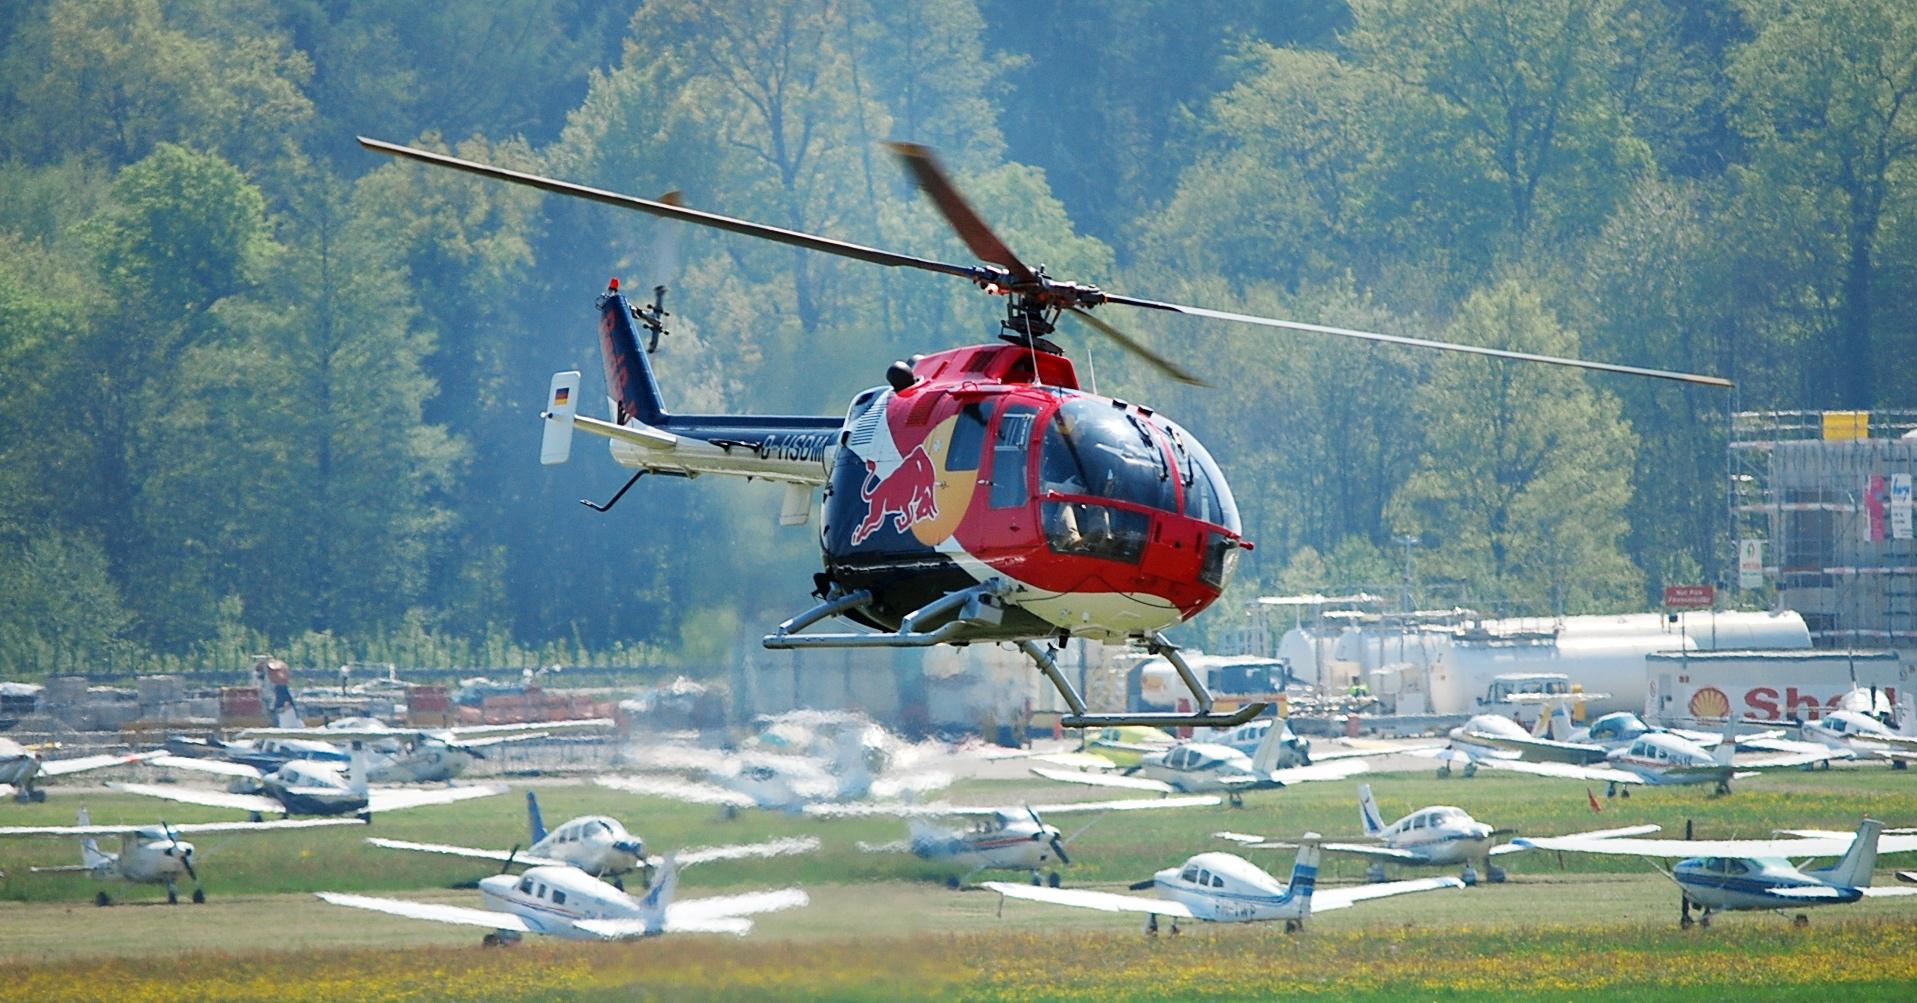 Helikopter auf der AERO 2009